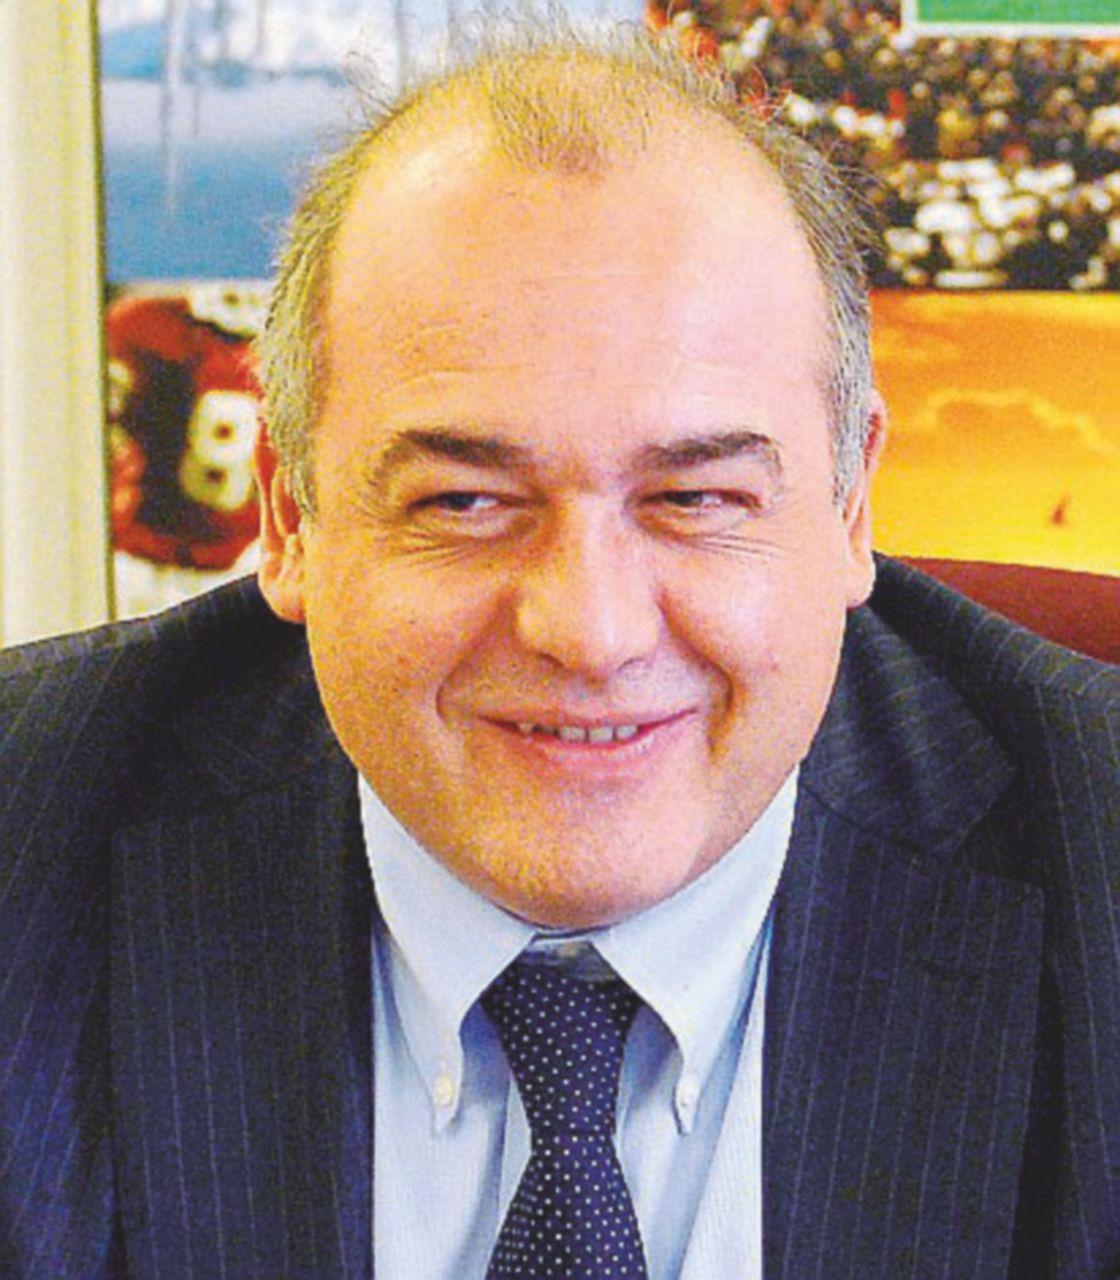 Assolto l'ex presidente dell'Inpgi. Era accusato di truffa e corruzione